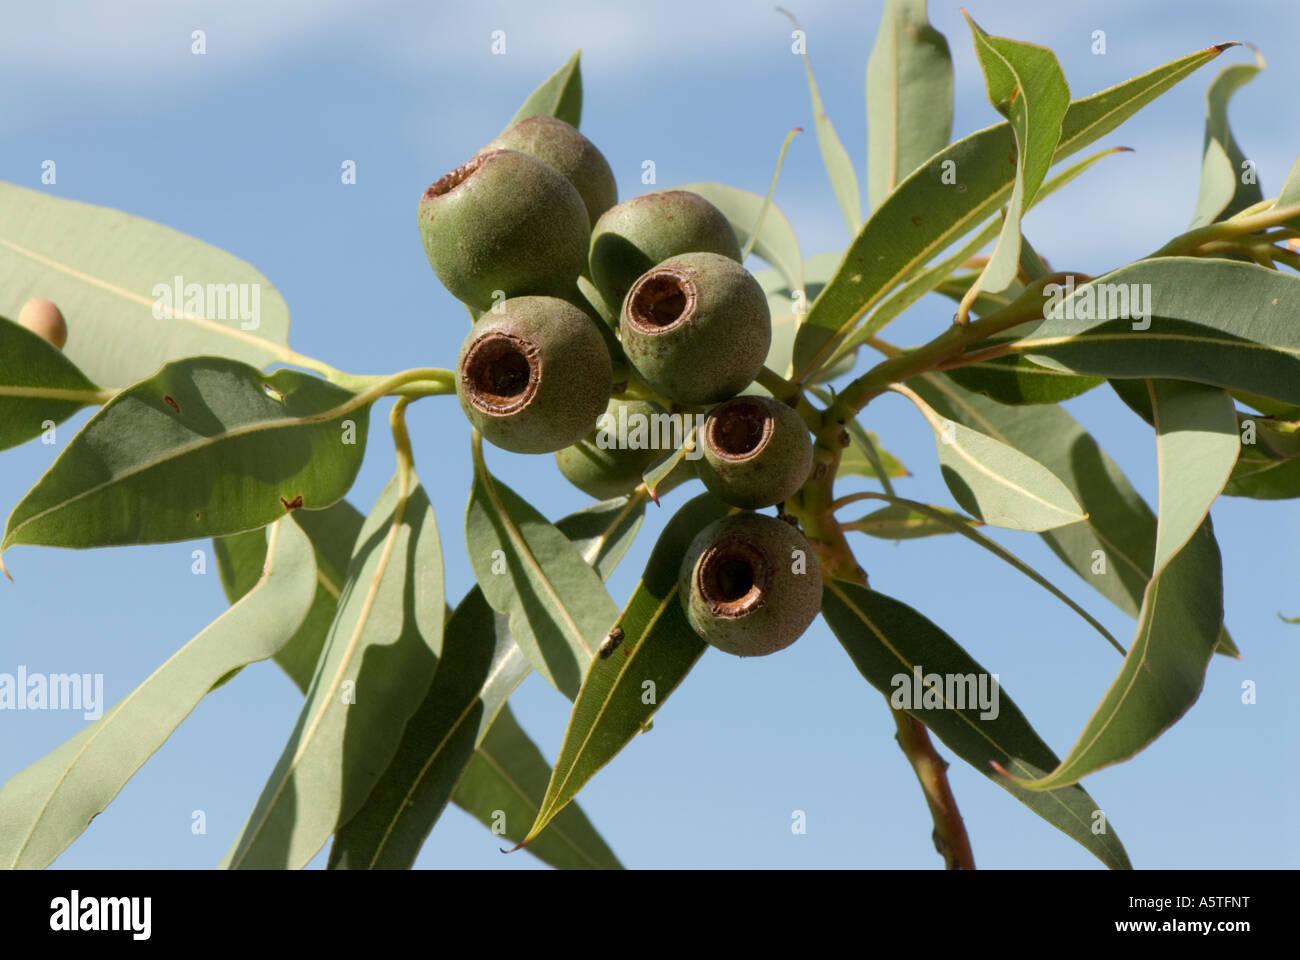 La fruta de vainas o goma de mascar nueces de la floración roja gum tree Eucalyptus Ficifolia Imagen De Stock